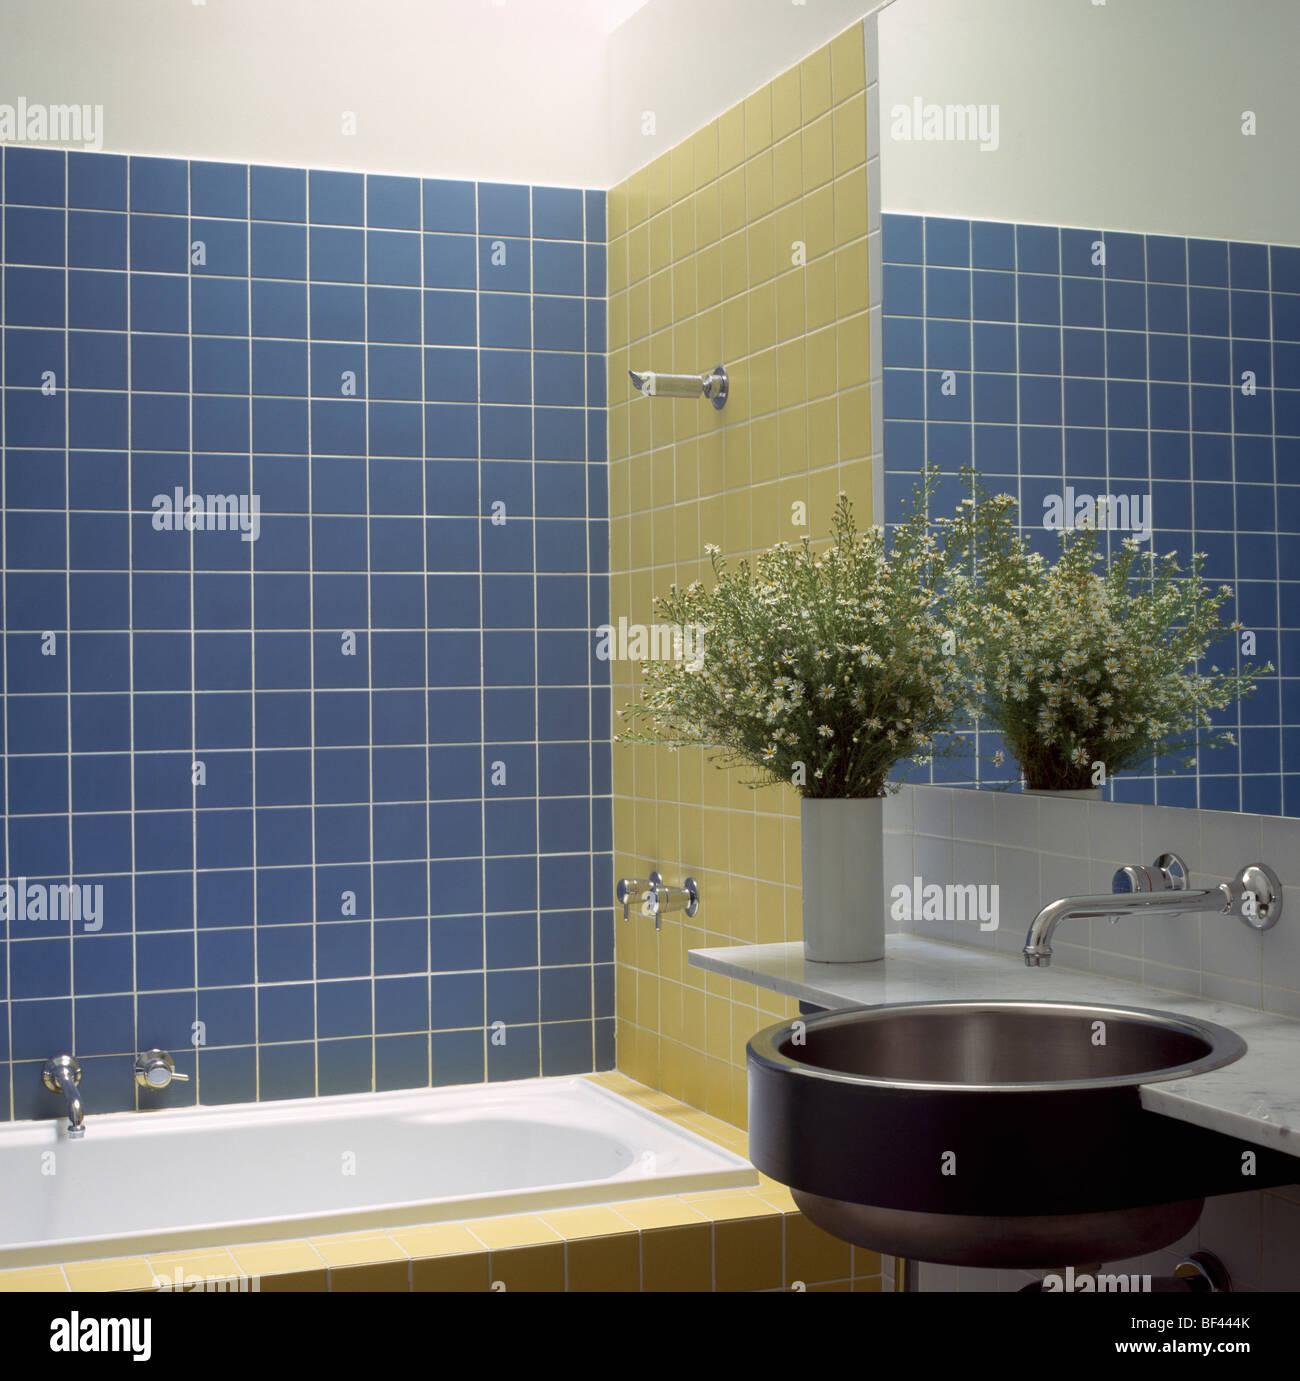 Dusche Uber Badewanne Im Modernen Blau Und Gelb Gefliesten